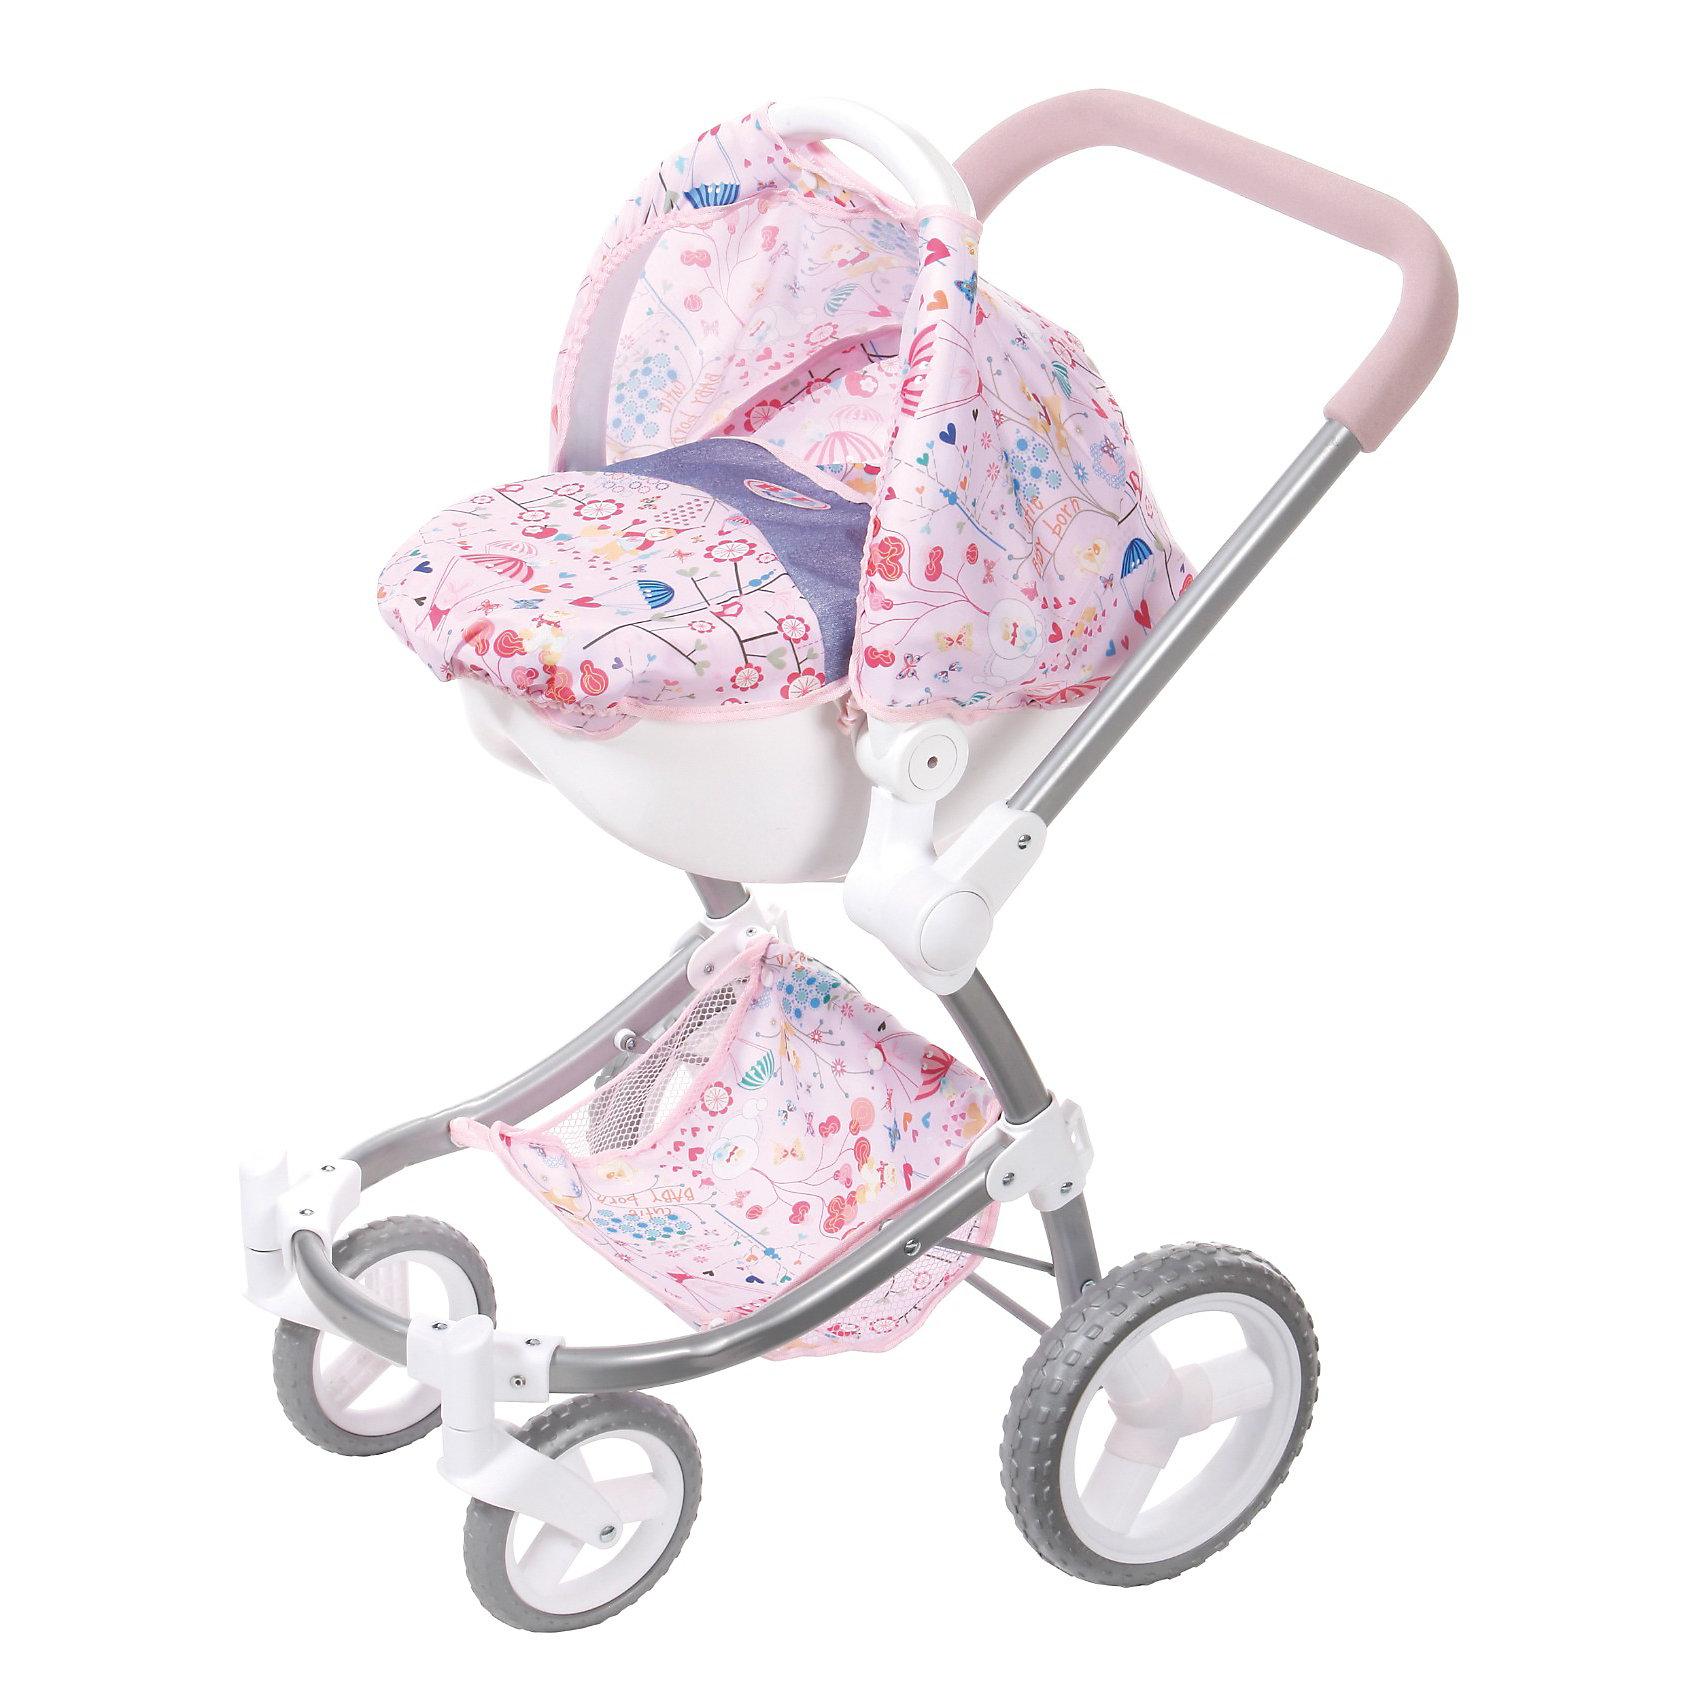 Кукольная коляска для прогулок, BABY bornКукольная коляска для прогулок, BABY born – положительные эмоции гарантированы. <br>Коляска сделана из прочного металла, благодаря которому она выдерживает большой вес и падения. Выполнена коляска в современном дизайне в нежно-розовых тонах с узорами. Козырек сделан из не промокающей ткани, а удобная ручка имеет накладку из мягкого нескользящего материала. У коляски есть корзина для вещей, что делает коляску «настоящей». Колеса сделаны из качественной прорезиненной пластмассы. Благодаря тому, что передние колеса вращаются, коляска отлично совершает маневры. Верхняя часть снимается, и ее можно использовать как переноску для куклы. Трехточечные ремни препятствуют выпадению куклы.<br><br>Дополнительная информация:<br><br>- ширина: 250 мм<br>- глубина:  608 мм<br>- высота: 482 мм<br>- вес: 1000 г<br>- возраст: 36 месяцев<br><br>Кукольную коляску для прогулок, BABY born можно купить в нашем интернет магазине.<br><br>Ширина мм: 250<br>Глубина мм: 608<br>Высота мм: 482<br>Вес г: 1000<br>Возраст от месяцев: 36<br>Возраст до месяцев: 84<br>Пол: Женский<br>Возраст: Детский<br>SKU: 2443325